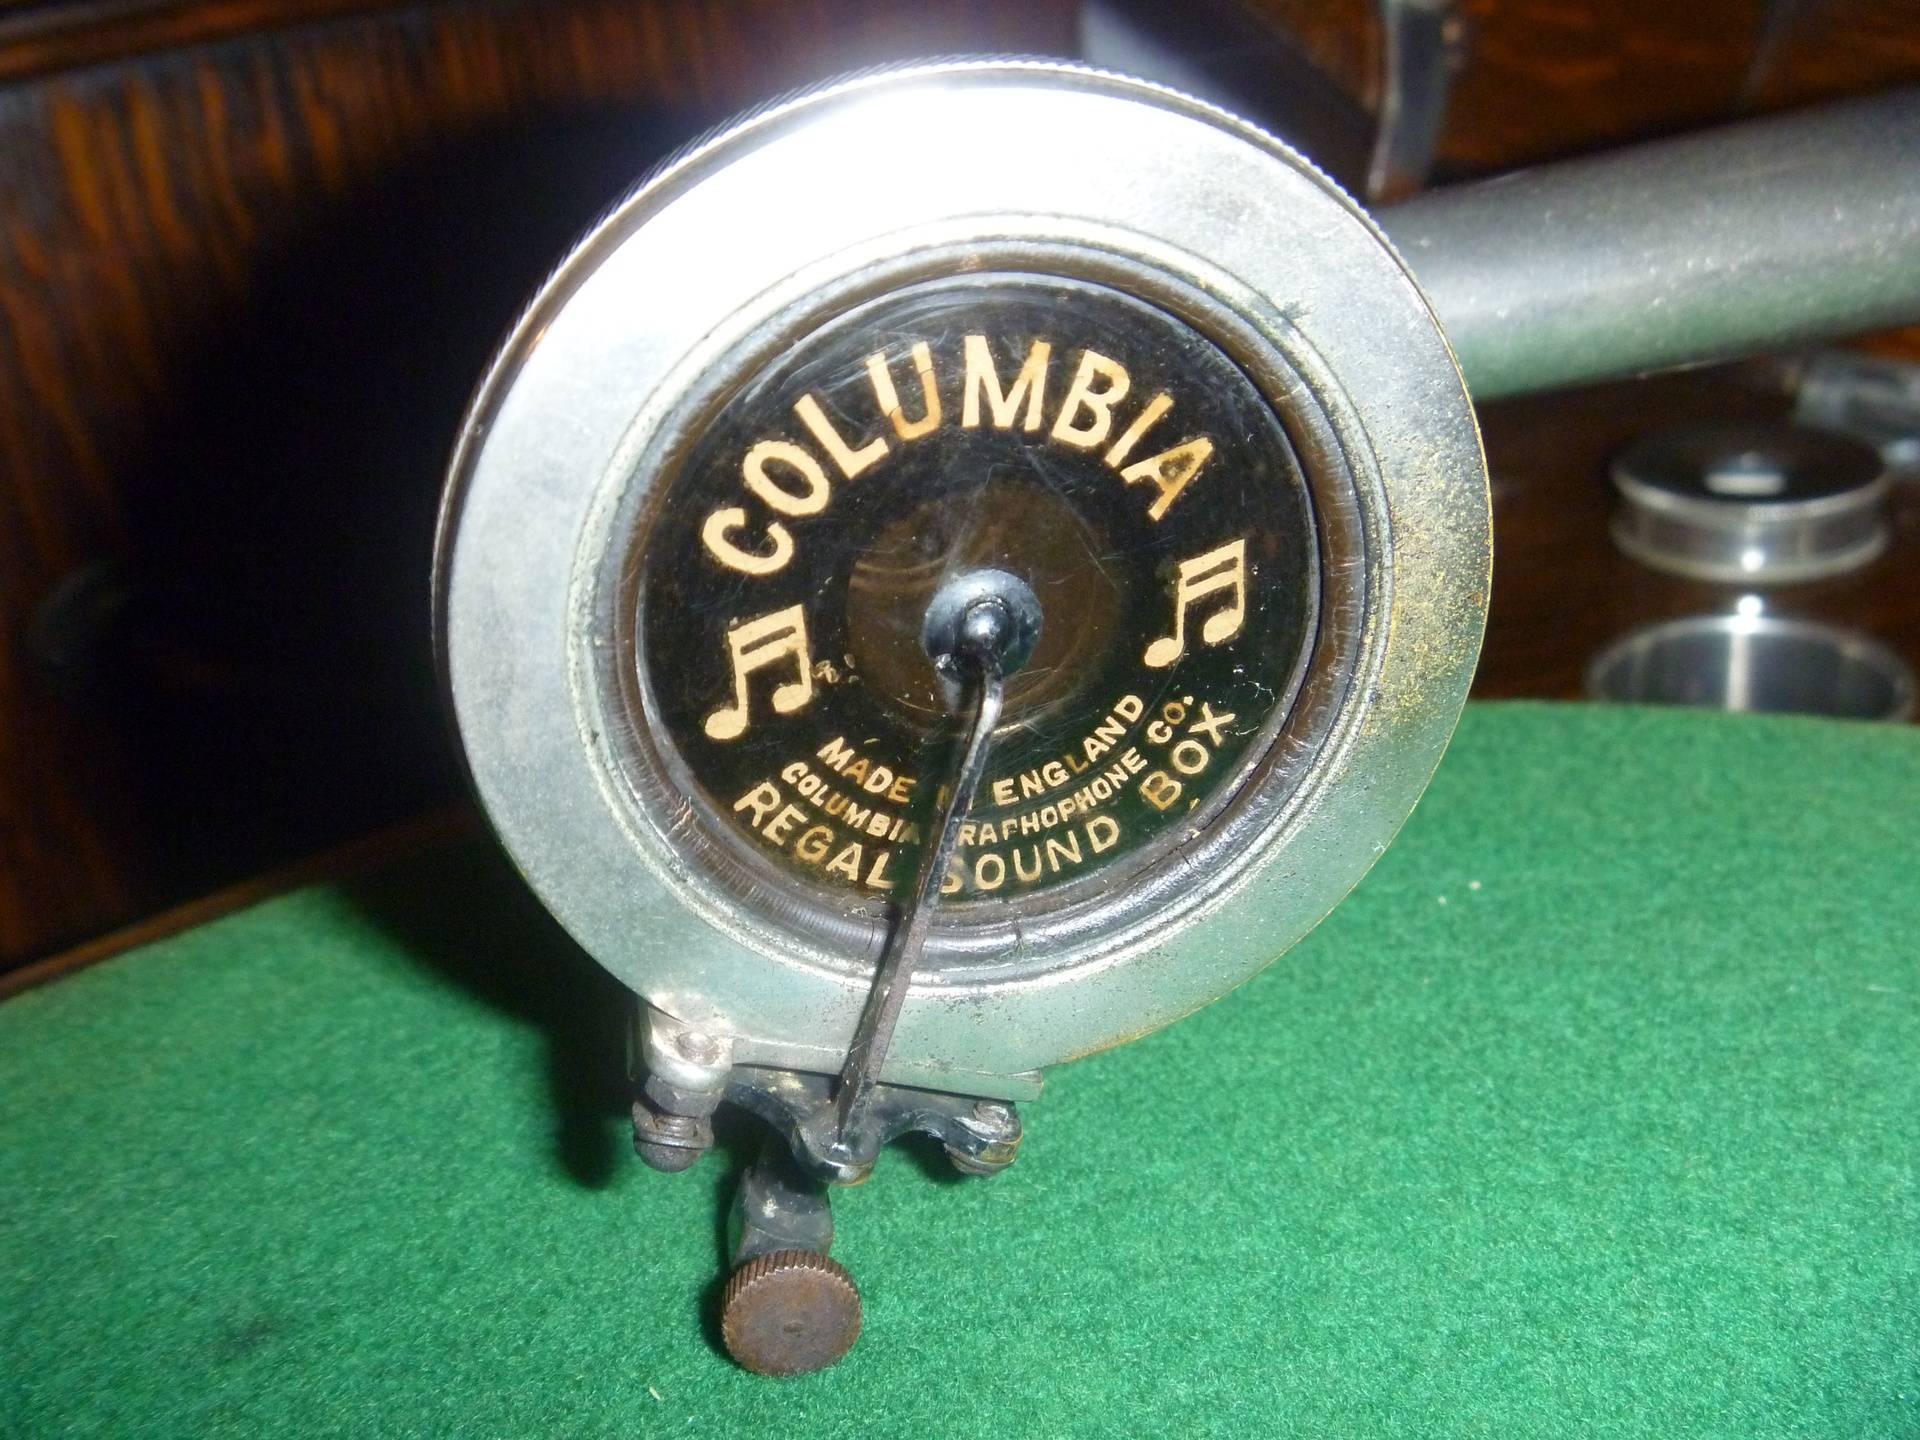 Soundboxes 2